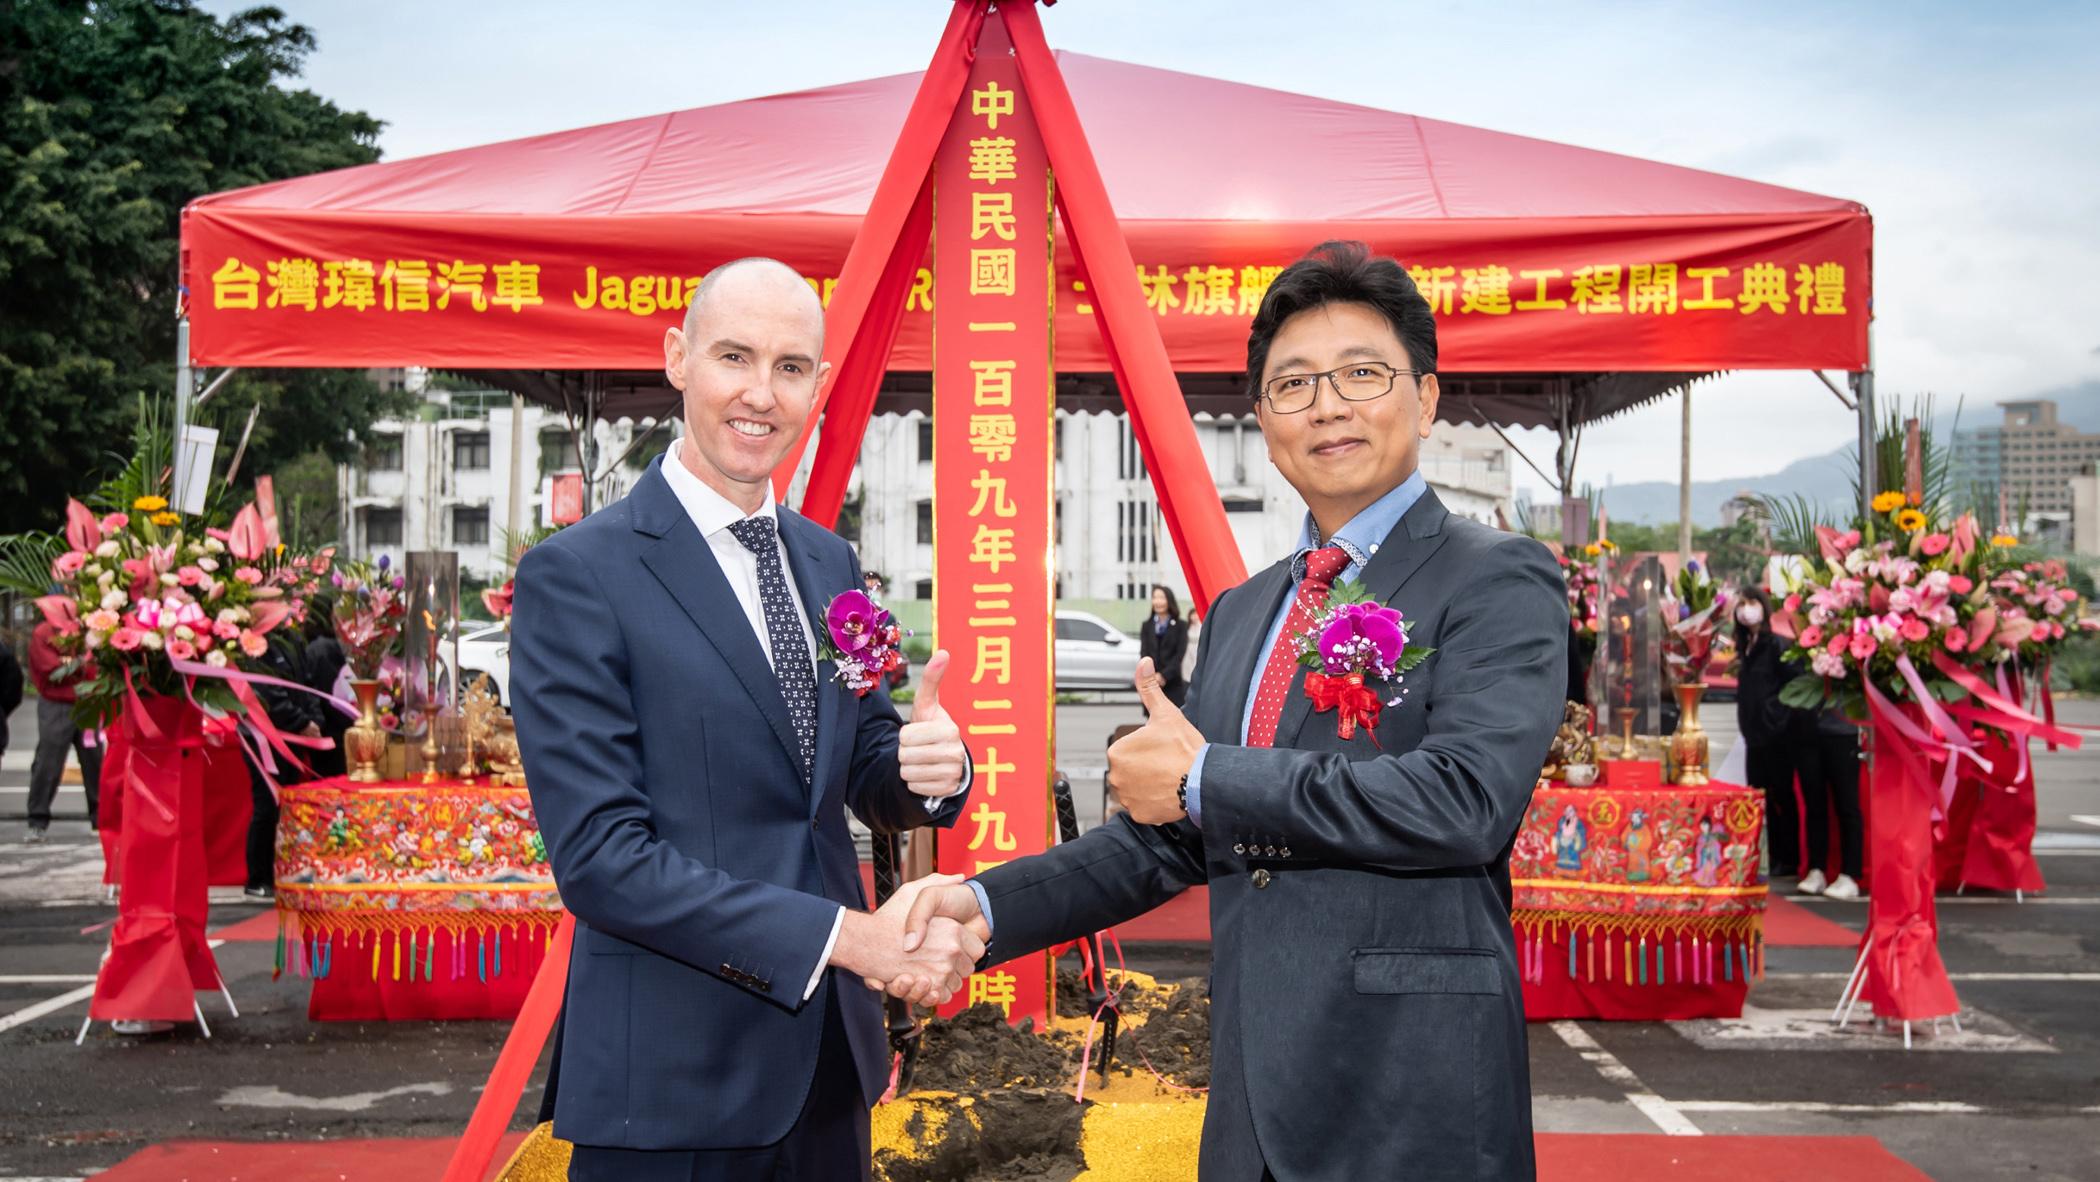 台灣瑋信汽車斥資 10 億建 Jagur Land Rover 旗艦展間,預計 2021 年啟用